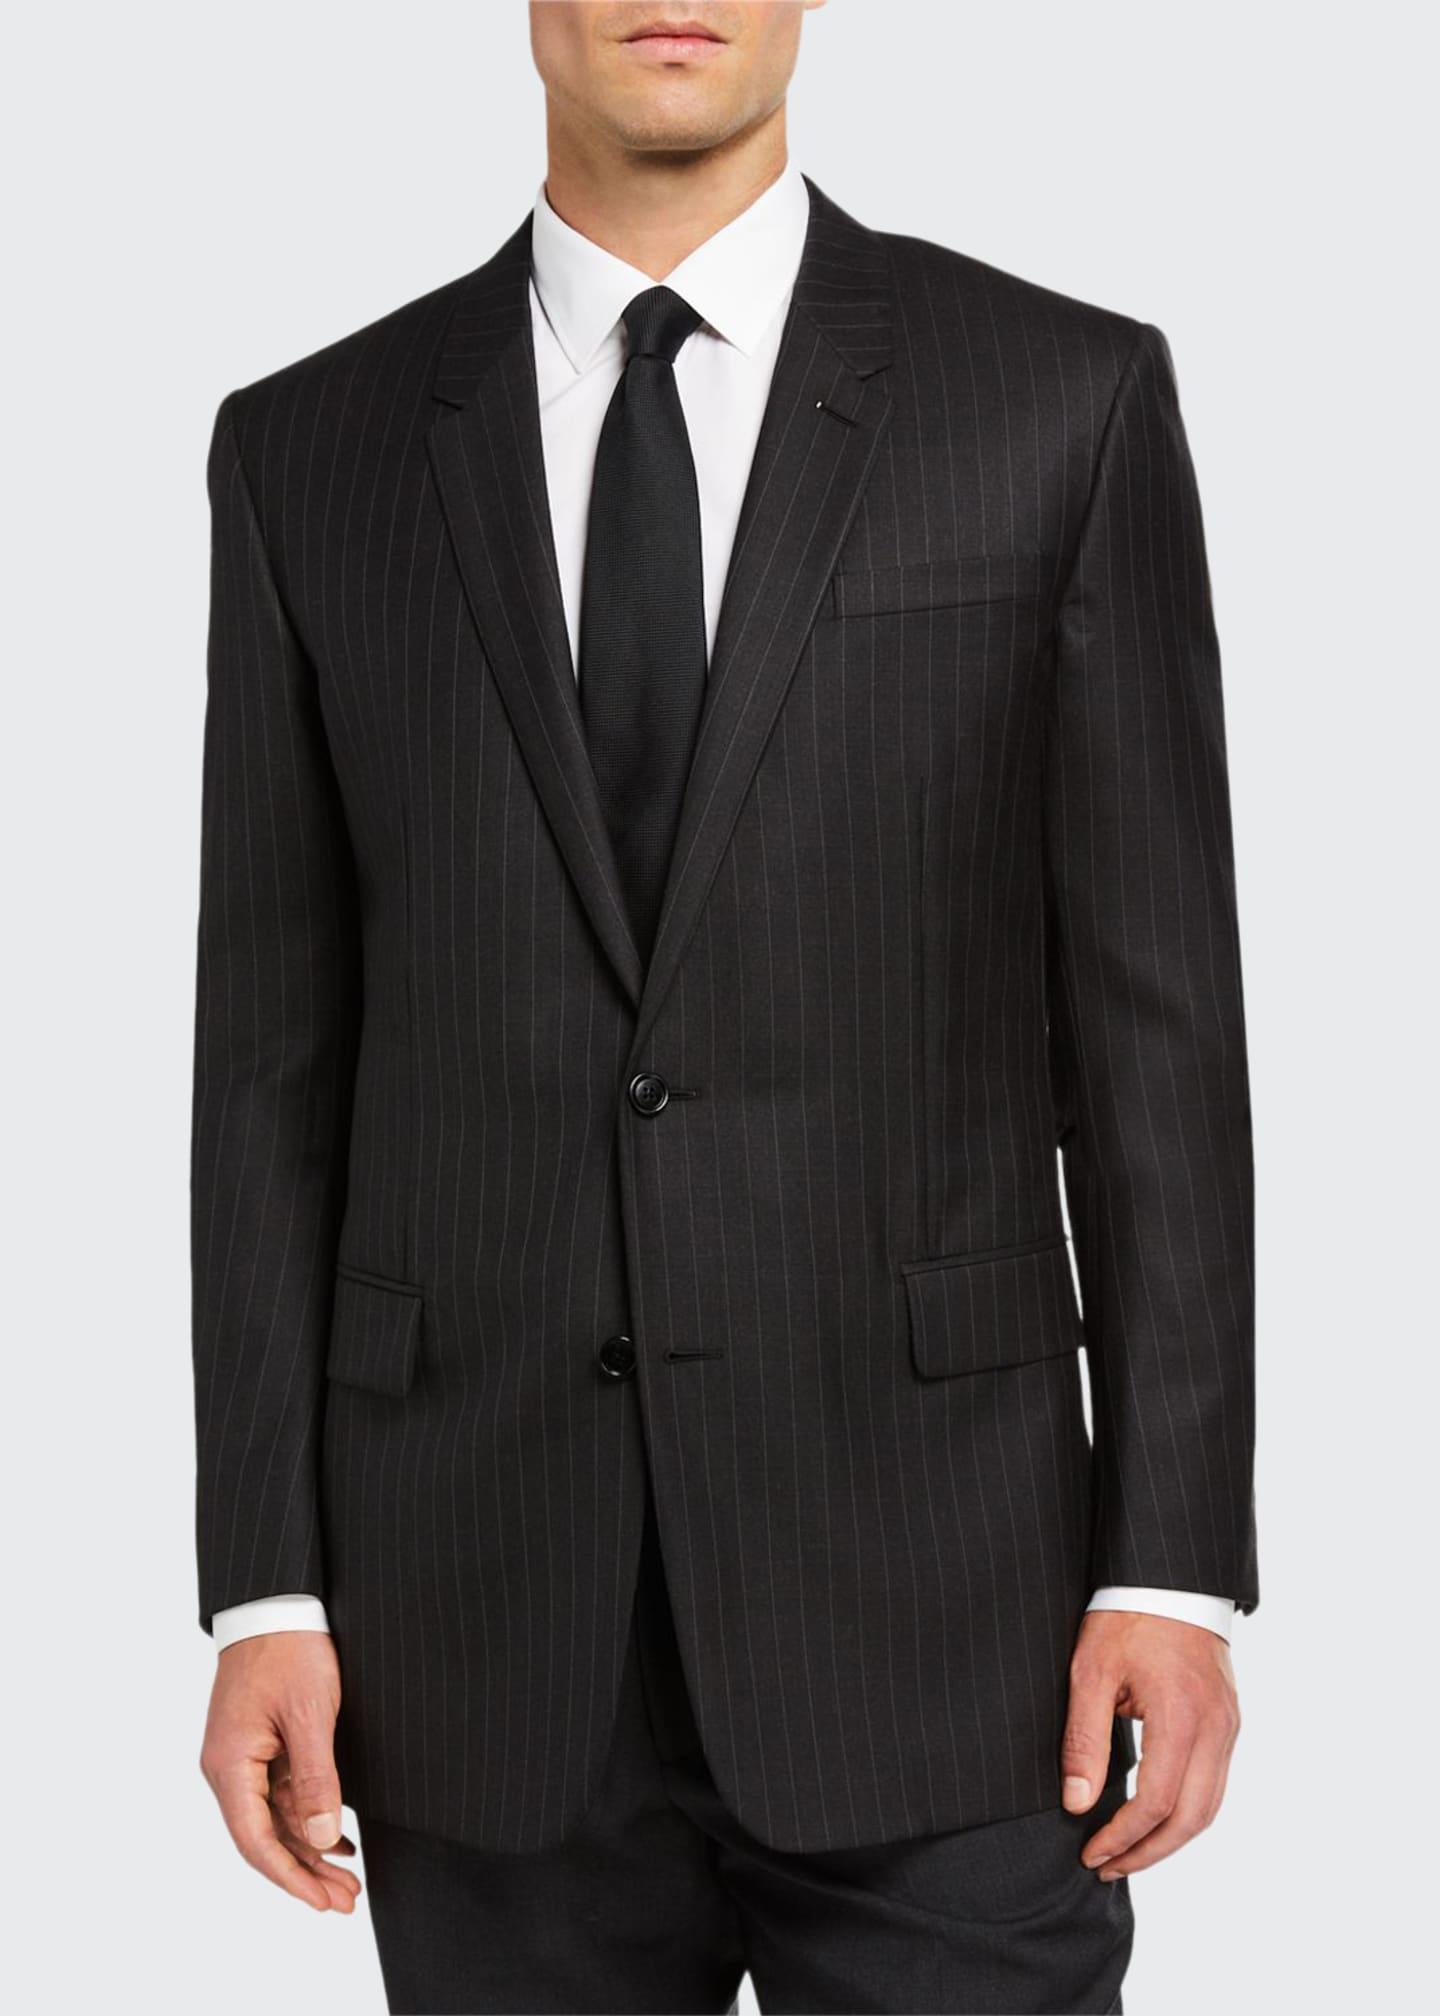 Berluti Men's Pinstripe Two-Button Jacket